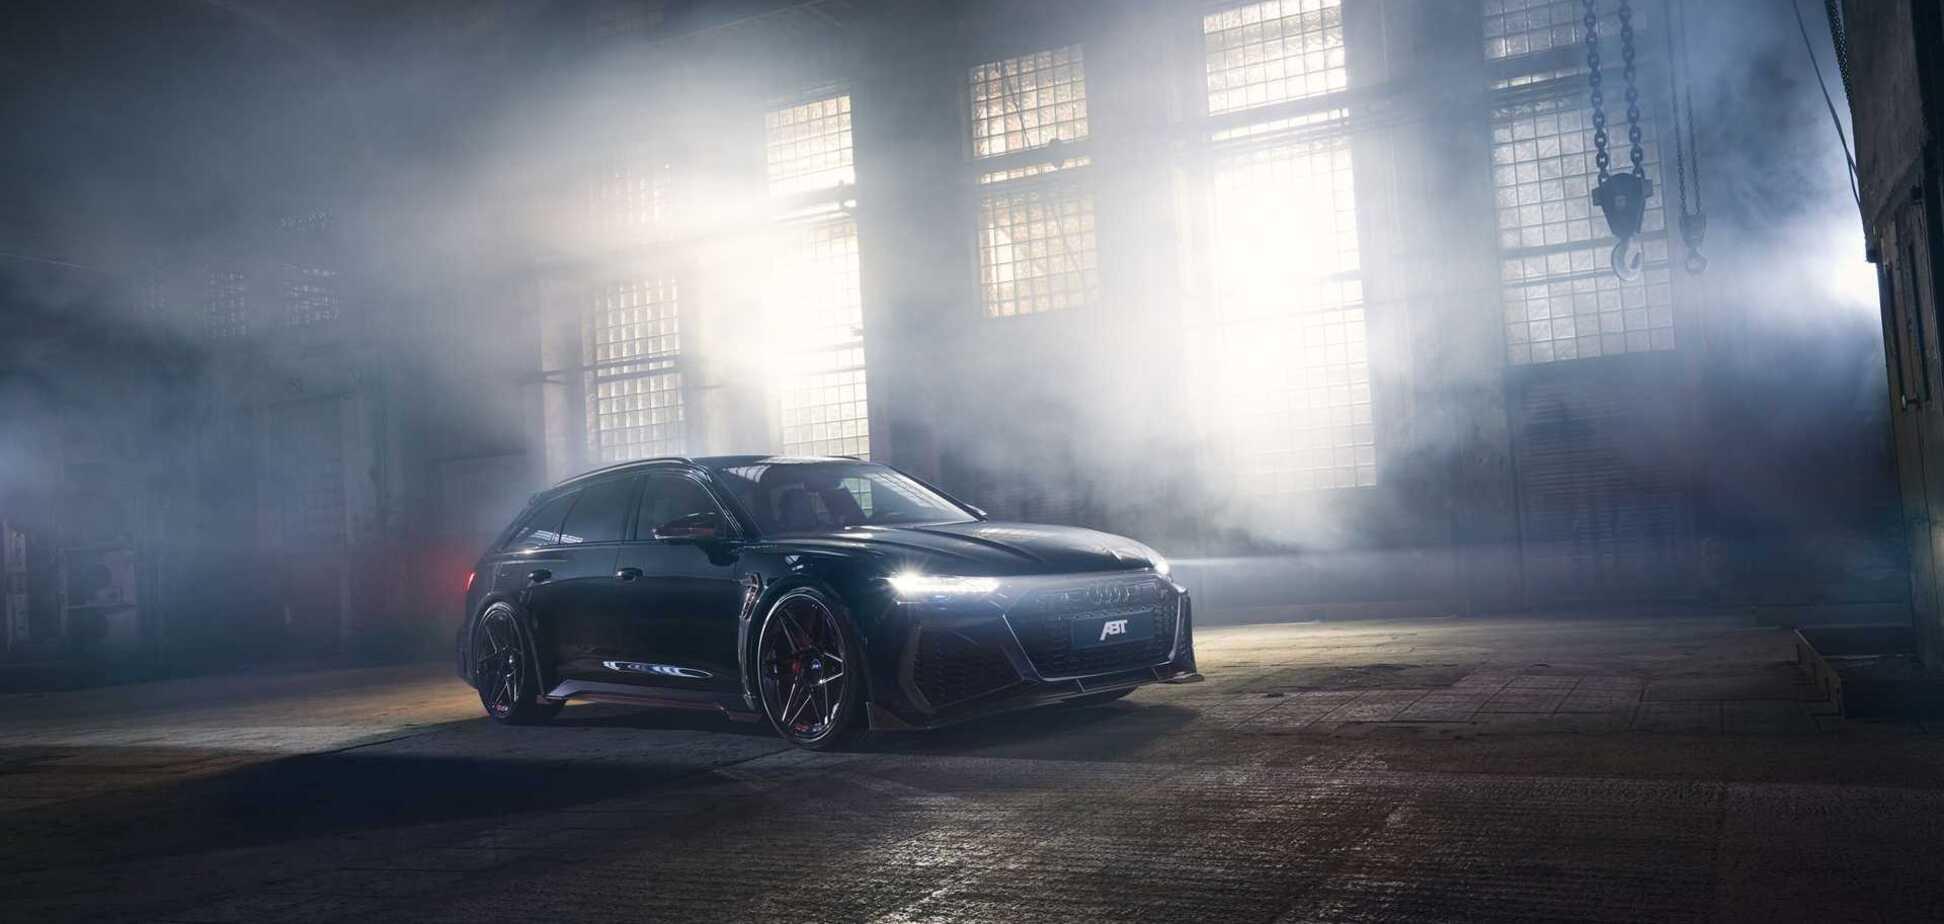 Audi RS6 від Abt Sportsline розігнали до 330 км/год